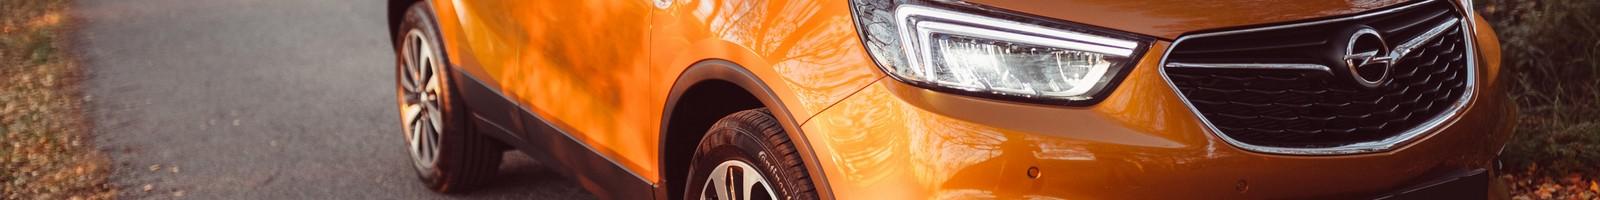 Les émissions de CO2 ont cessé de baisser depuis l'explosion des ventes des SUV